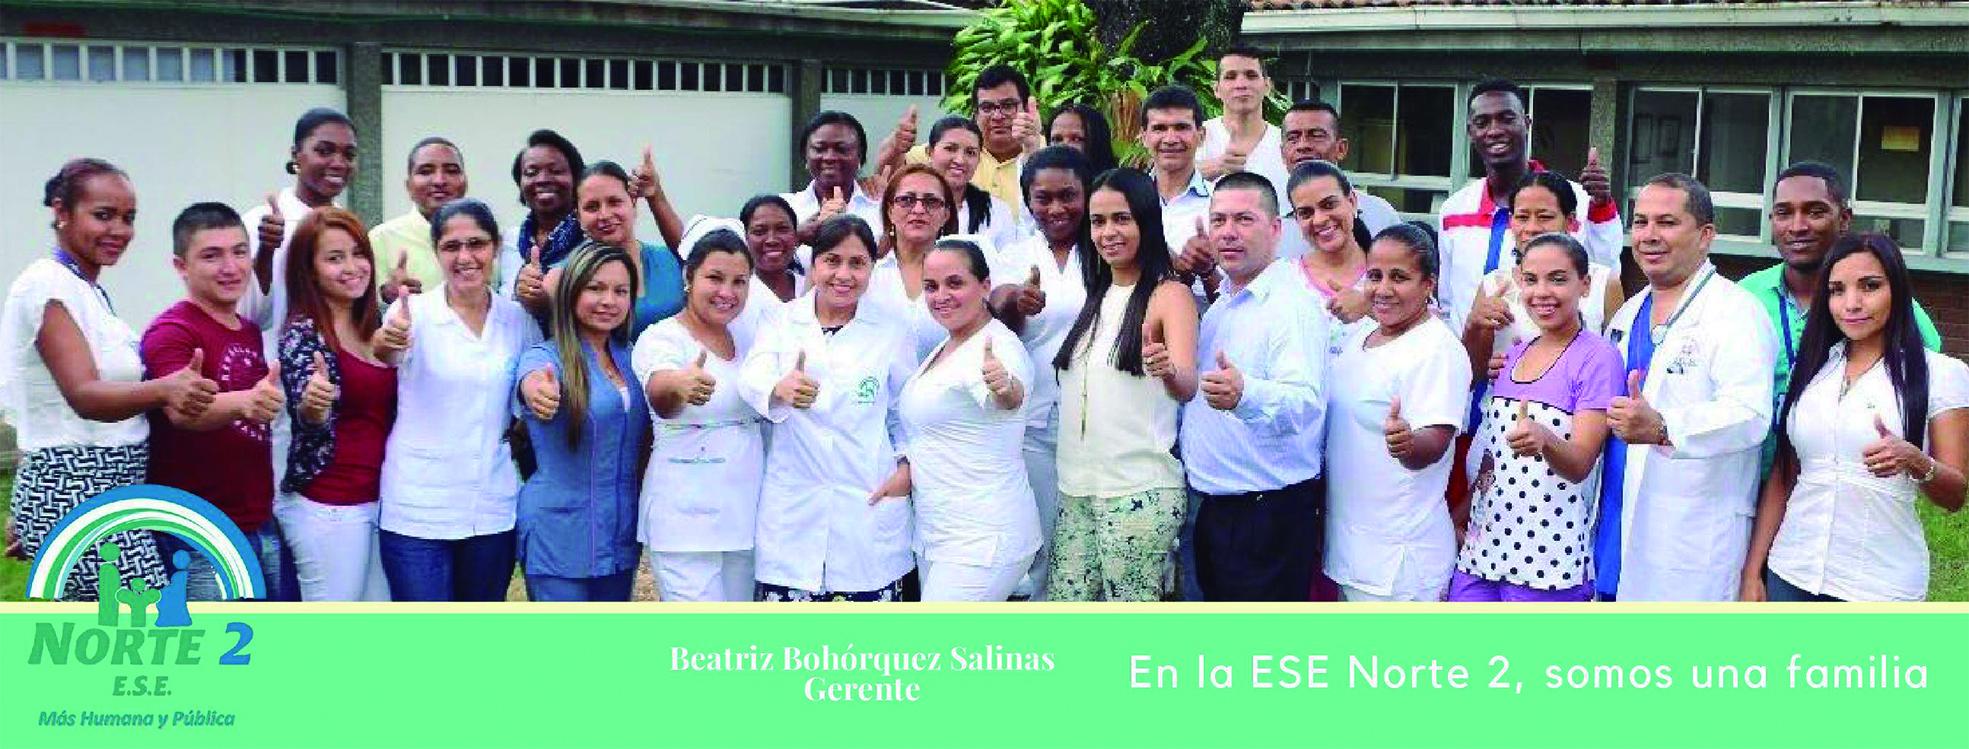 Familia ESE Norte 2